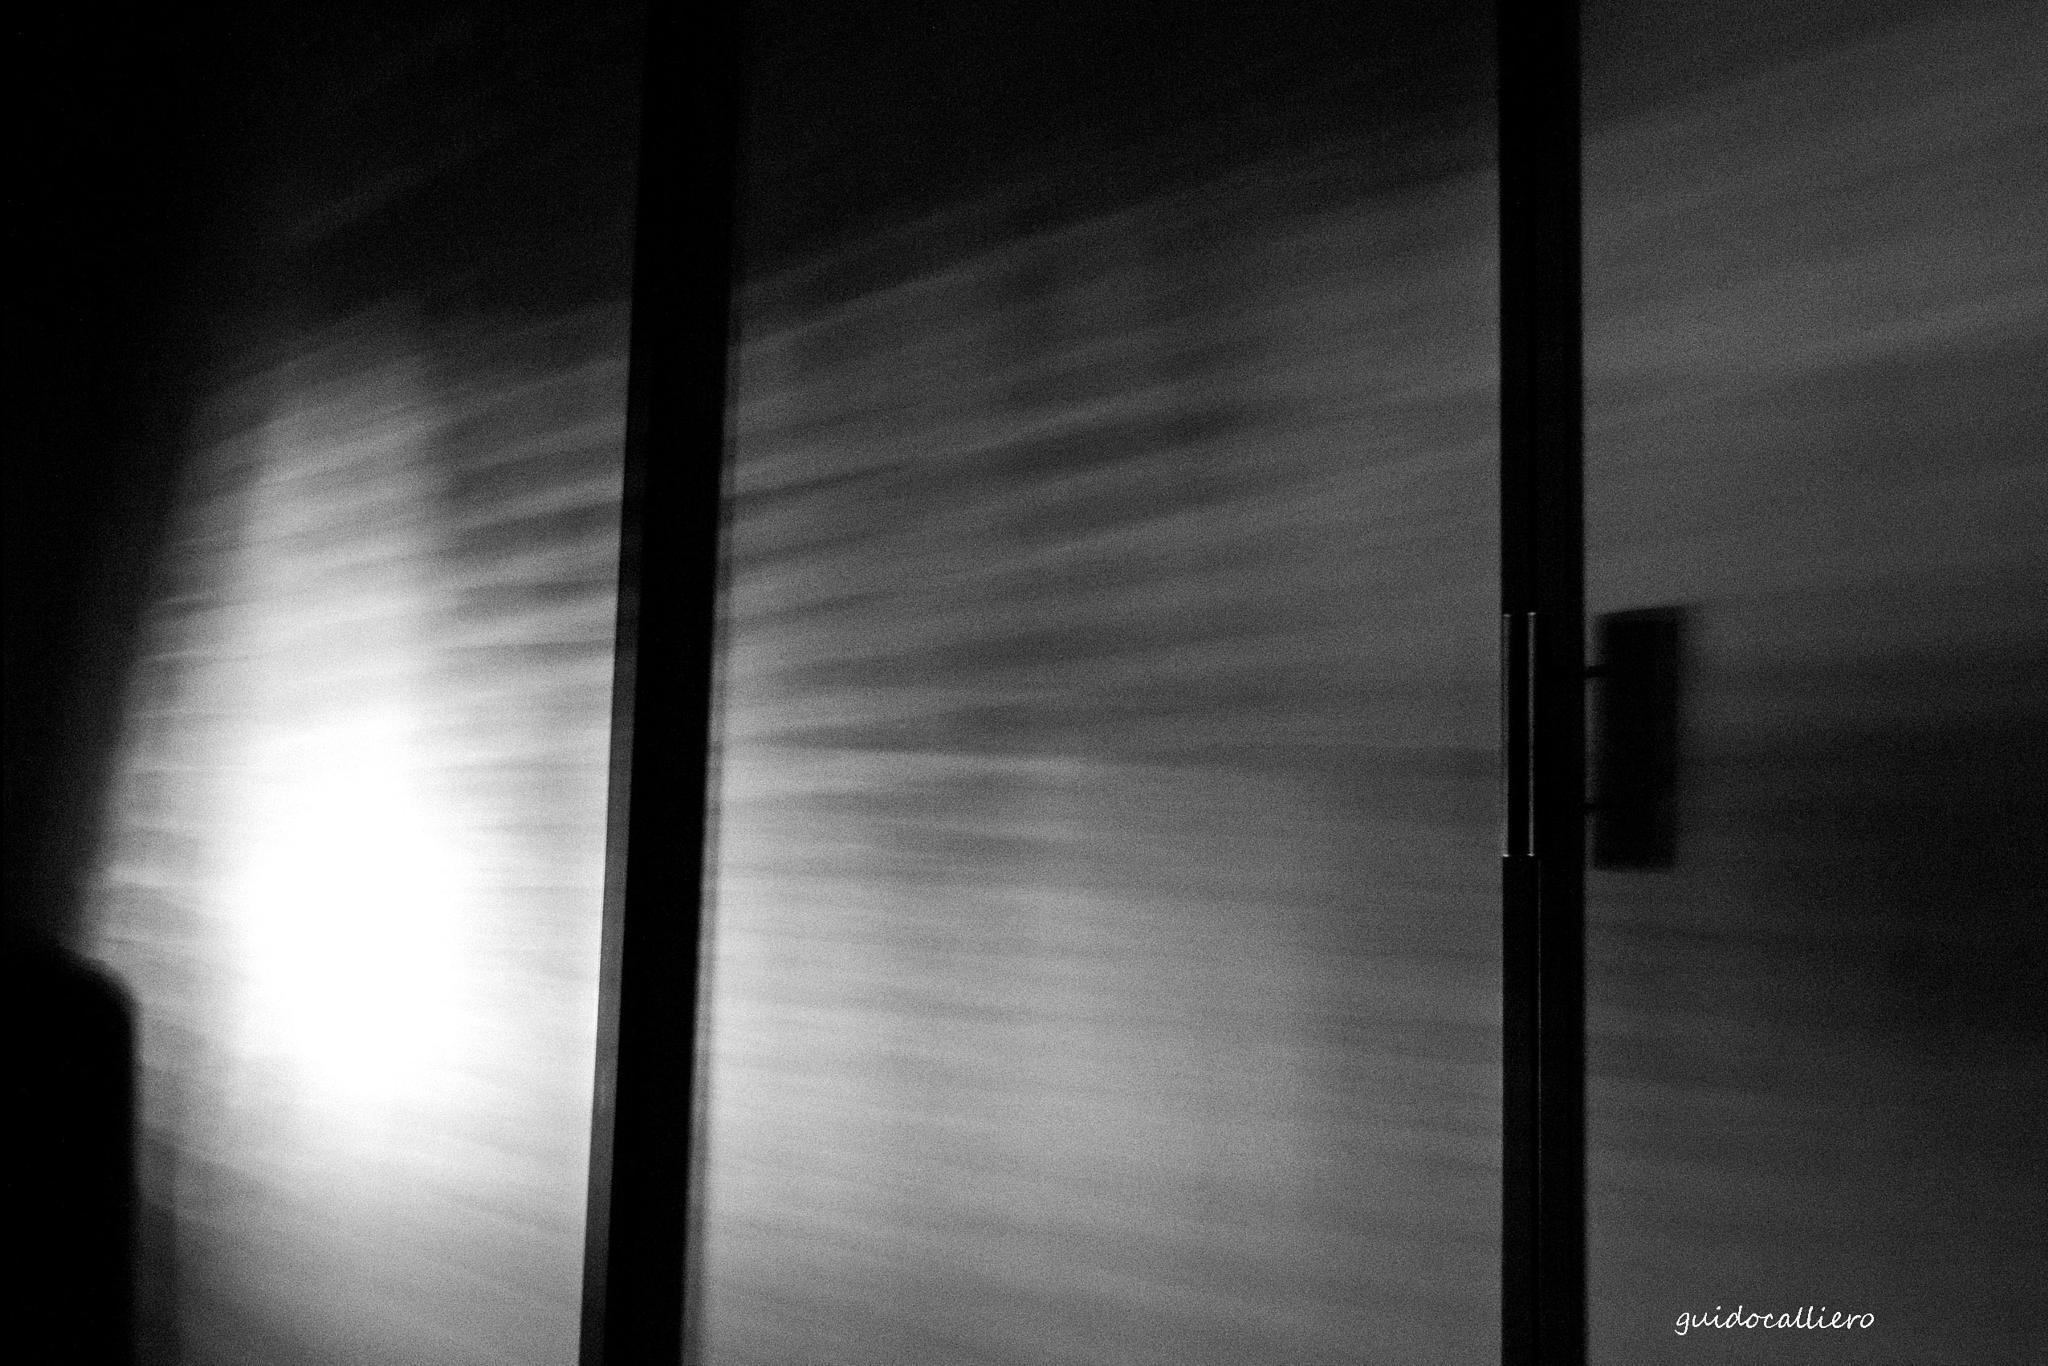 Tagli di luce 7 - Guido Calliero by IMMAGINANDO